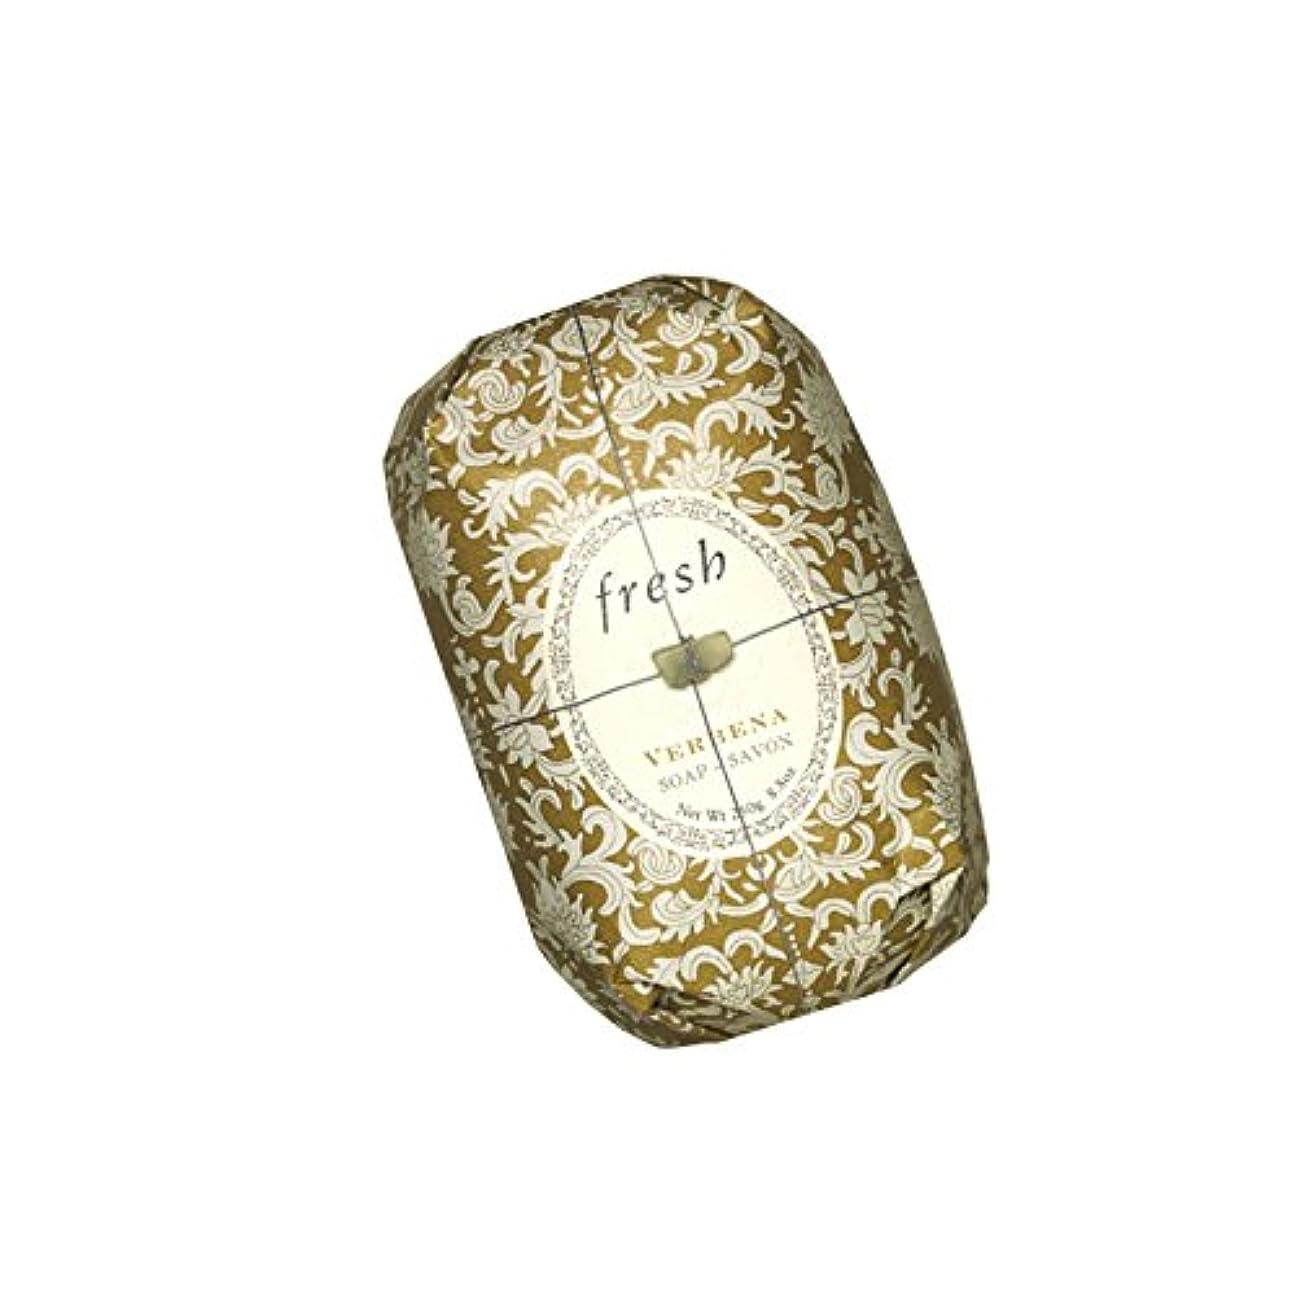 フィラデルフィア港年金受給者Fresh フレッシュ Verbena Soap 石鹸, 250g/8.8oz. [海外直送品] [並行輸入品]